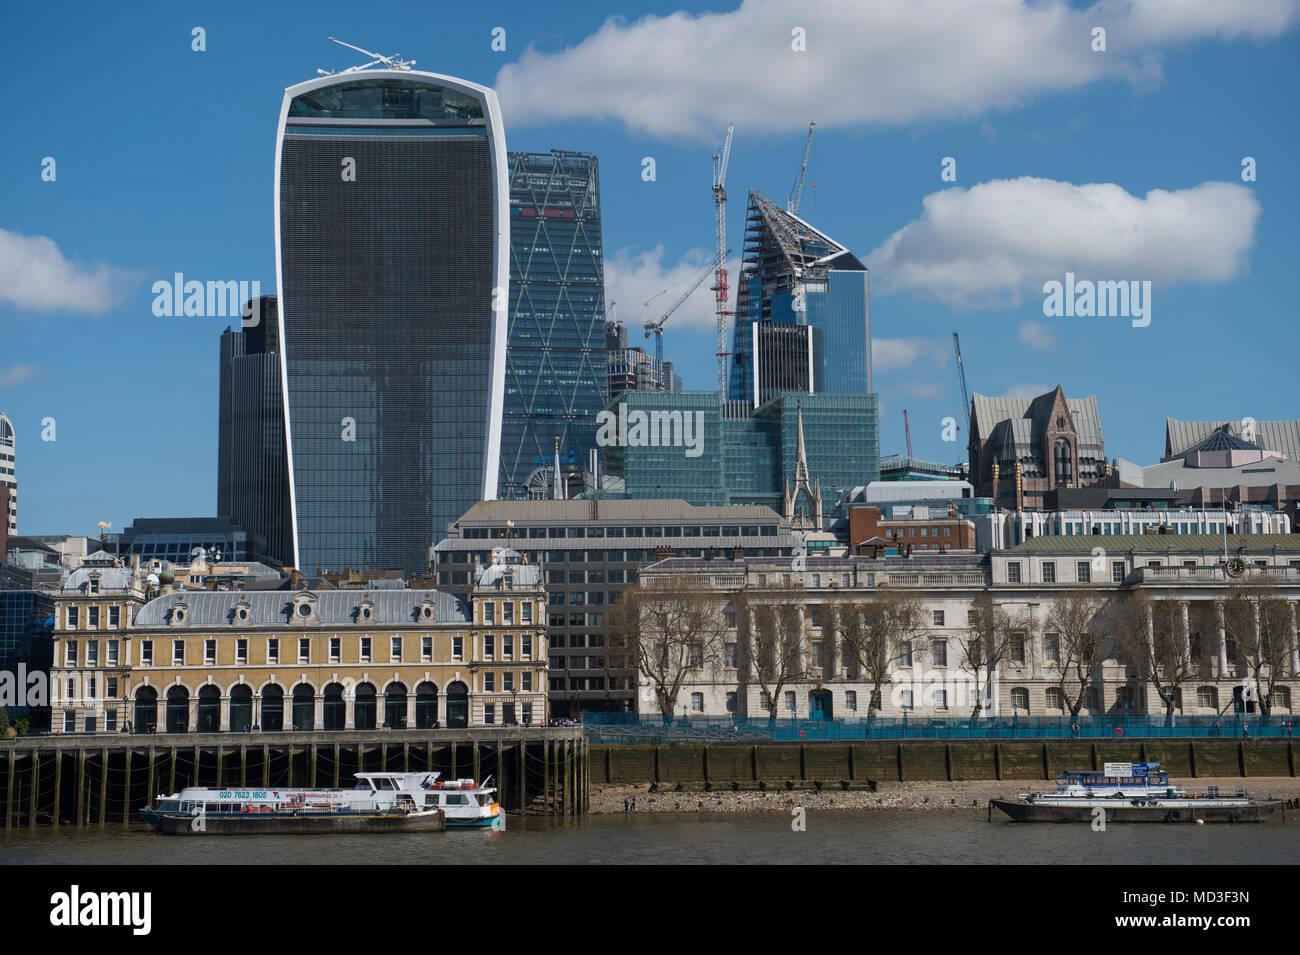 18 April Stock Photos & 18 April Stock Images - Alamy